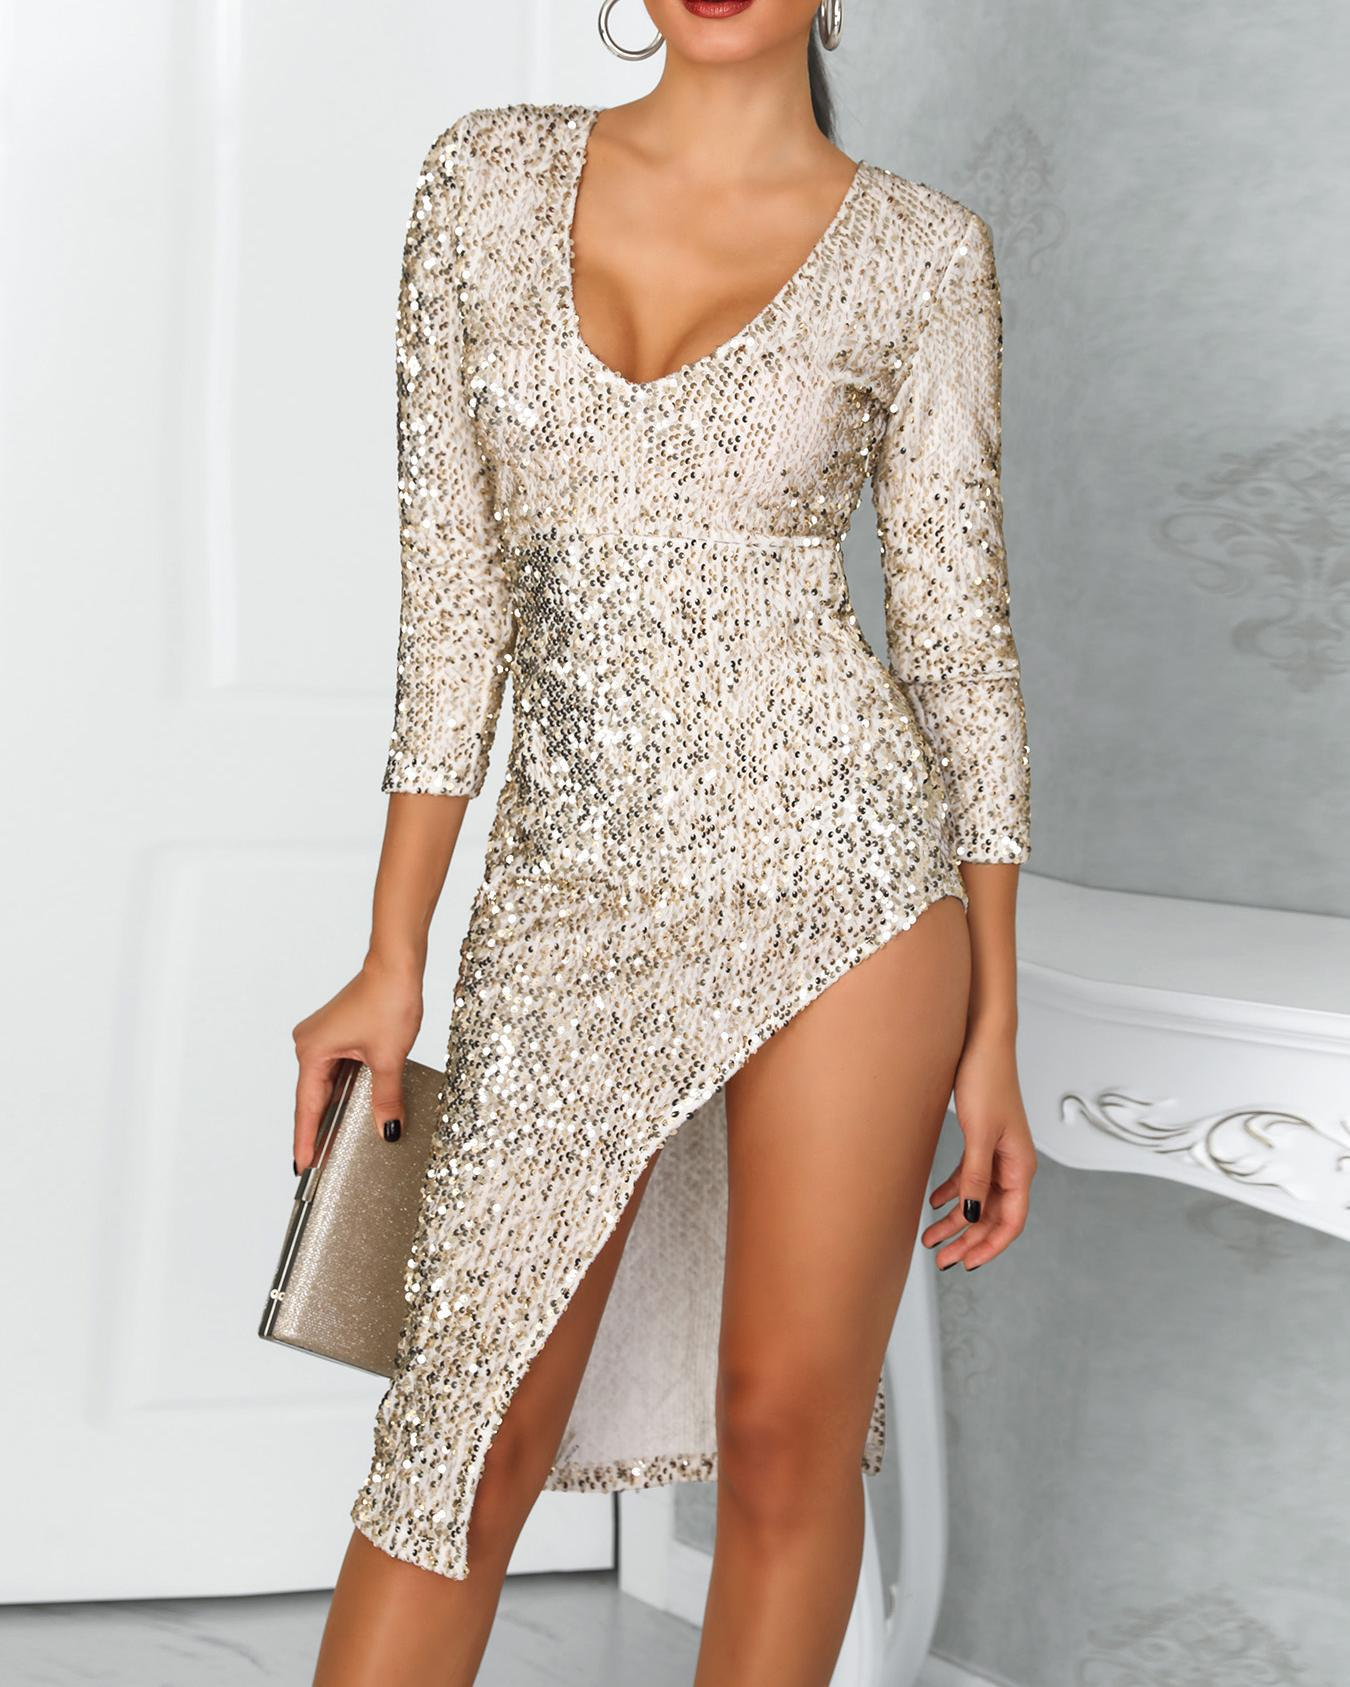 ivrose / Vestido de lentejuelas con manga larga y abertura profunda de V